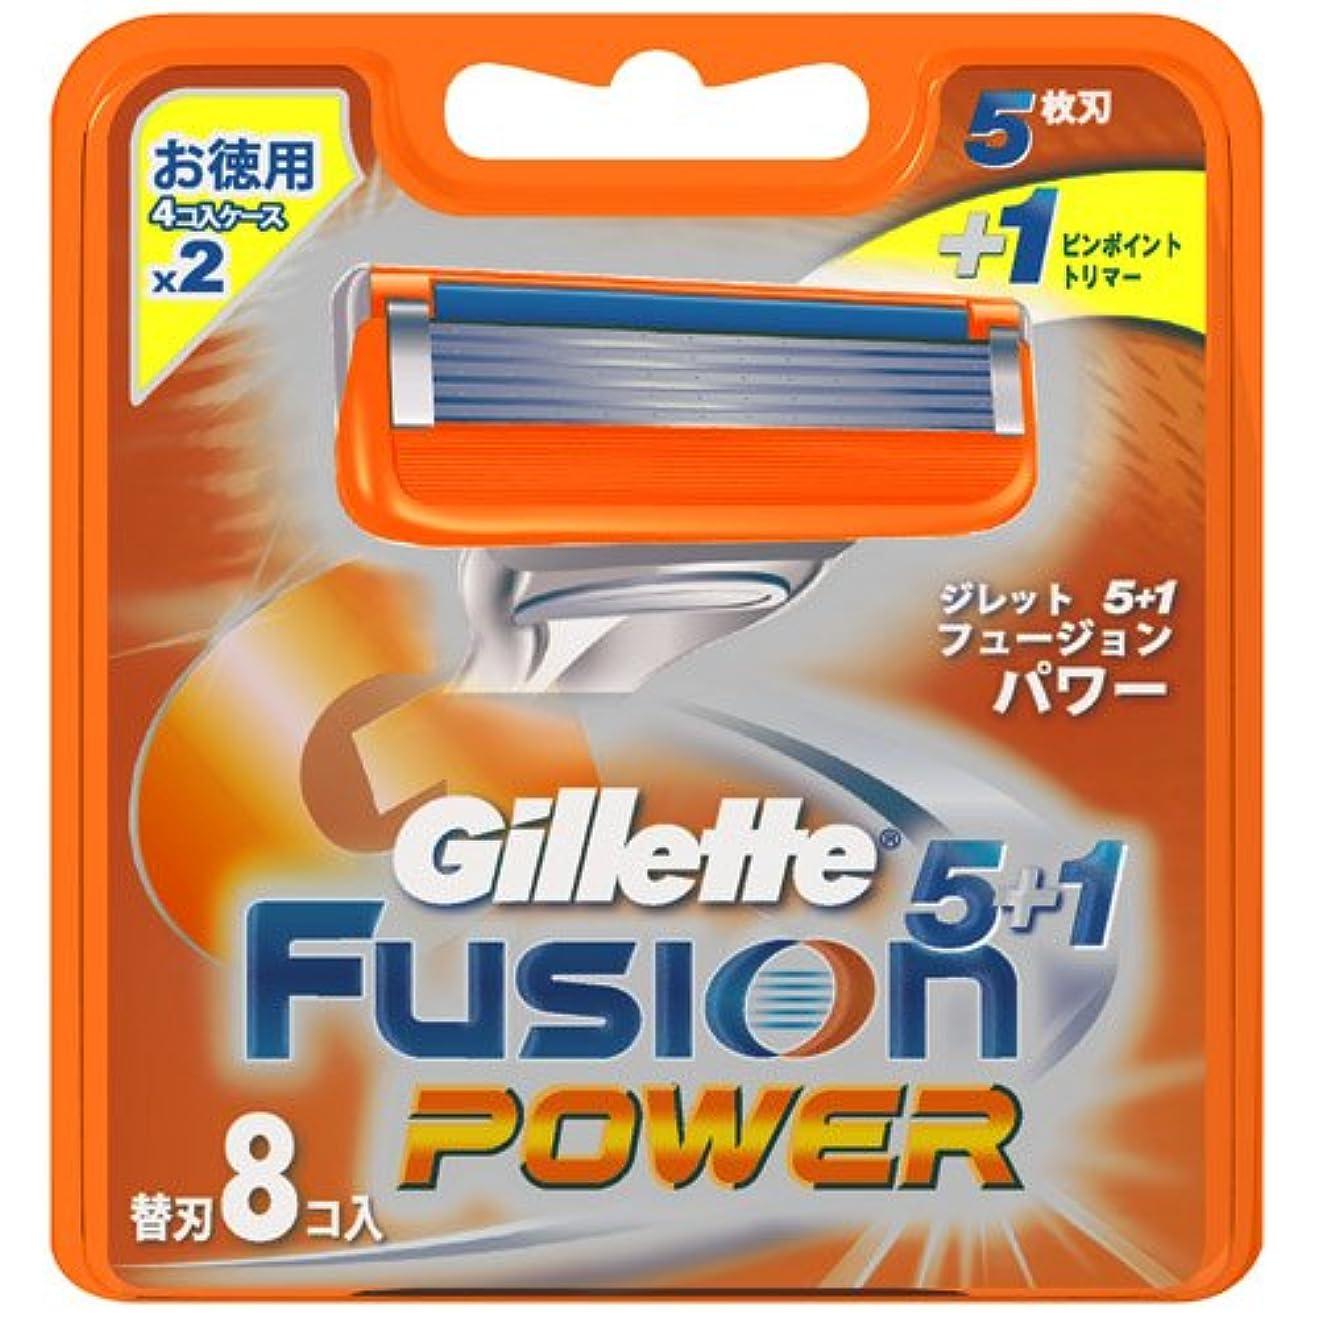 材料高くスカイジレット フュージョン5+1パワー 専用替刃 8B